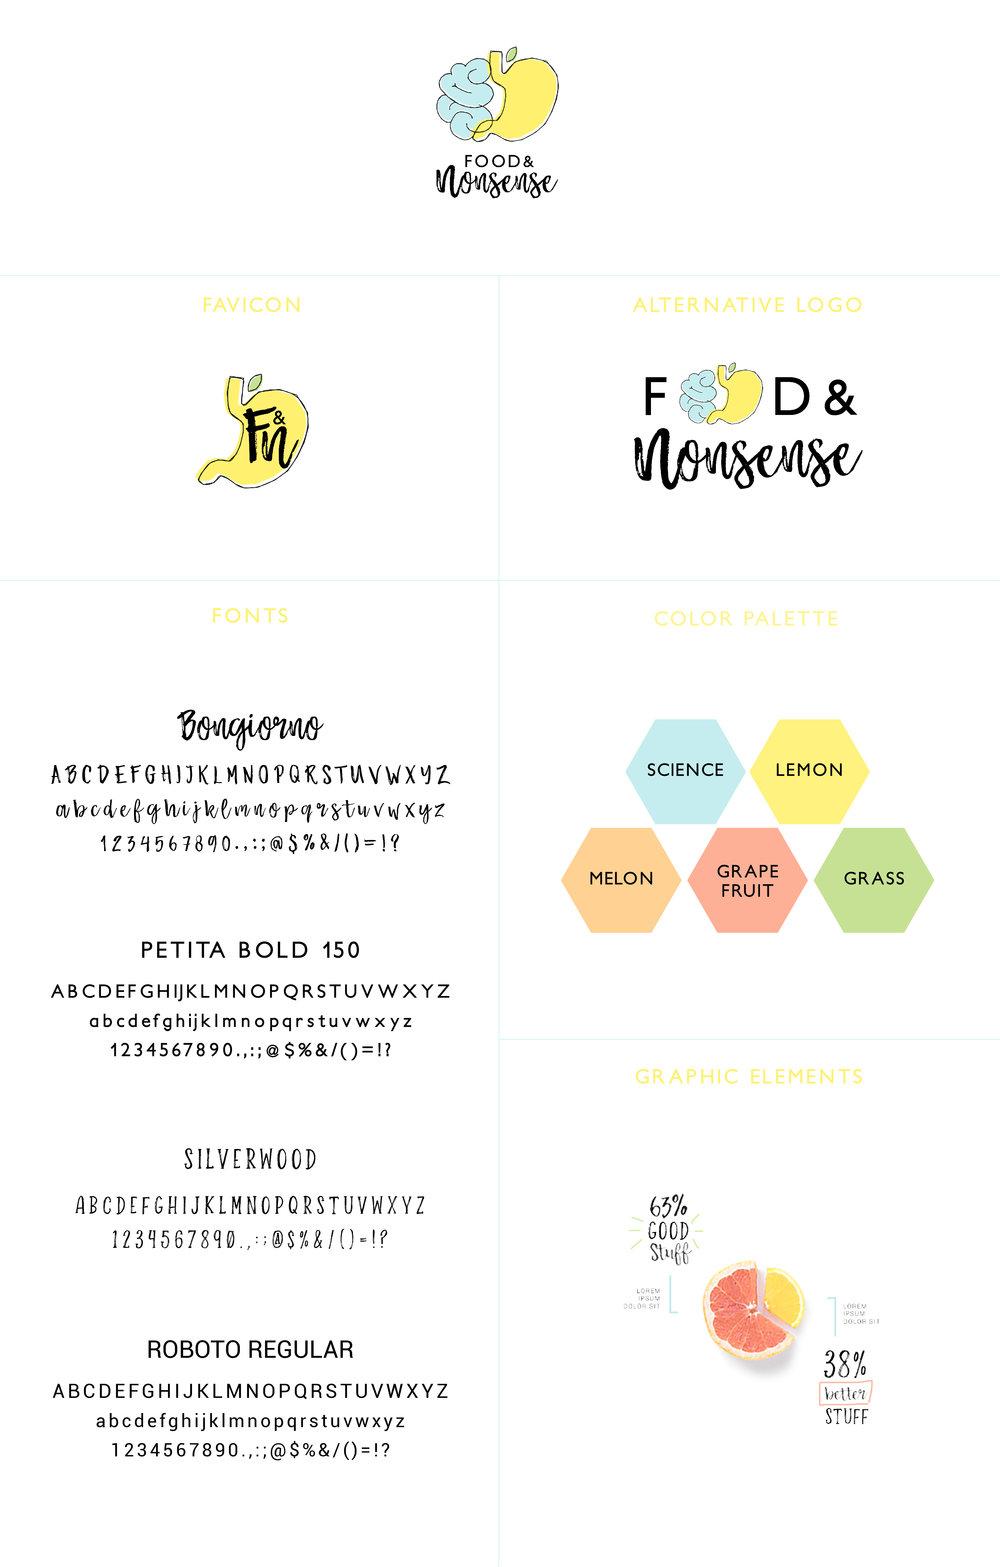 20171001_foodandnonsense_brandingstyleguide_mintminds.jpg